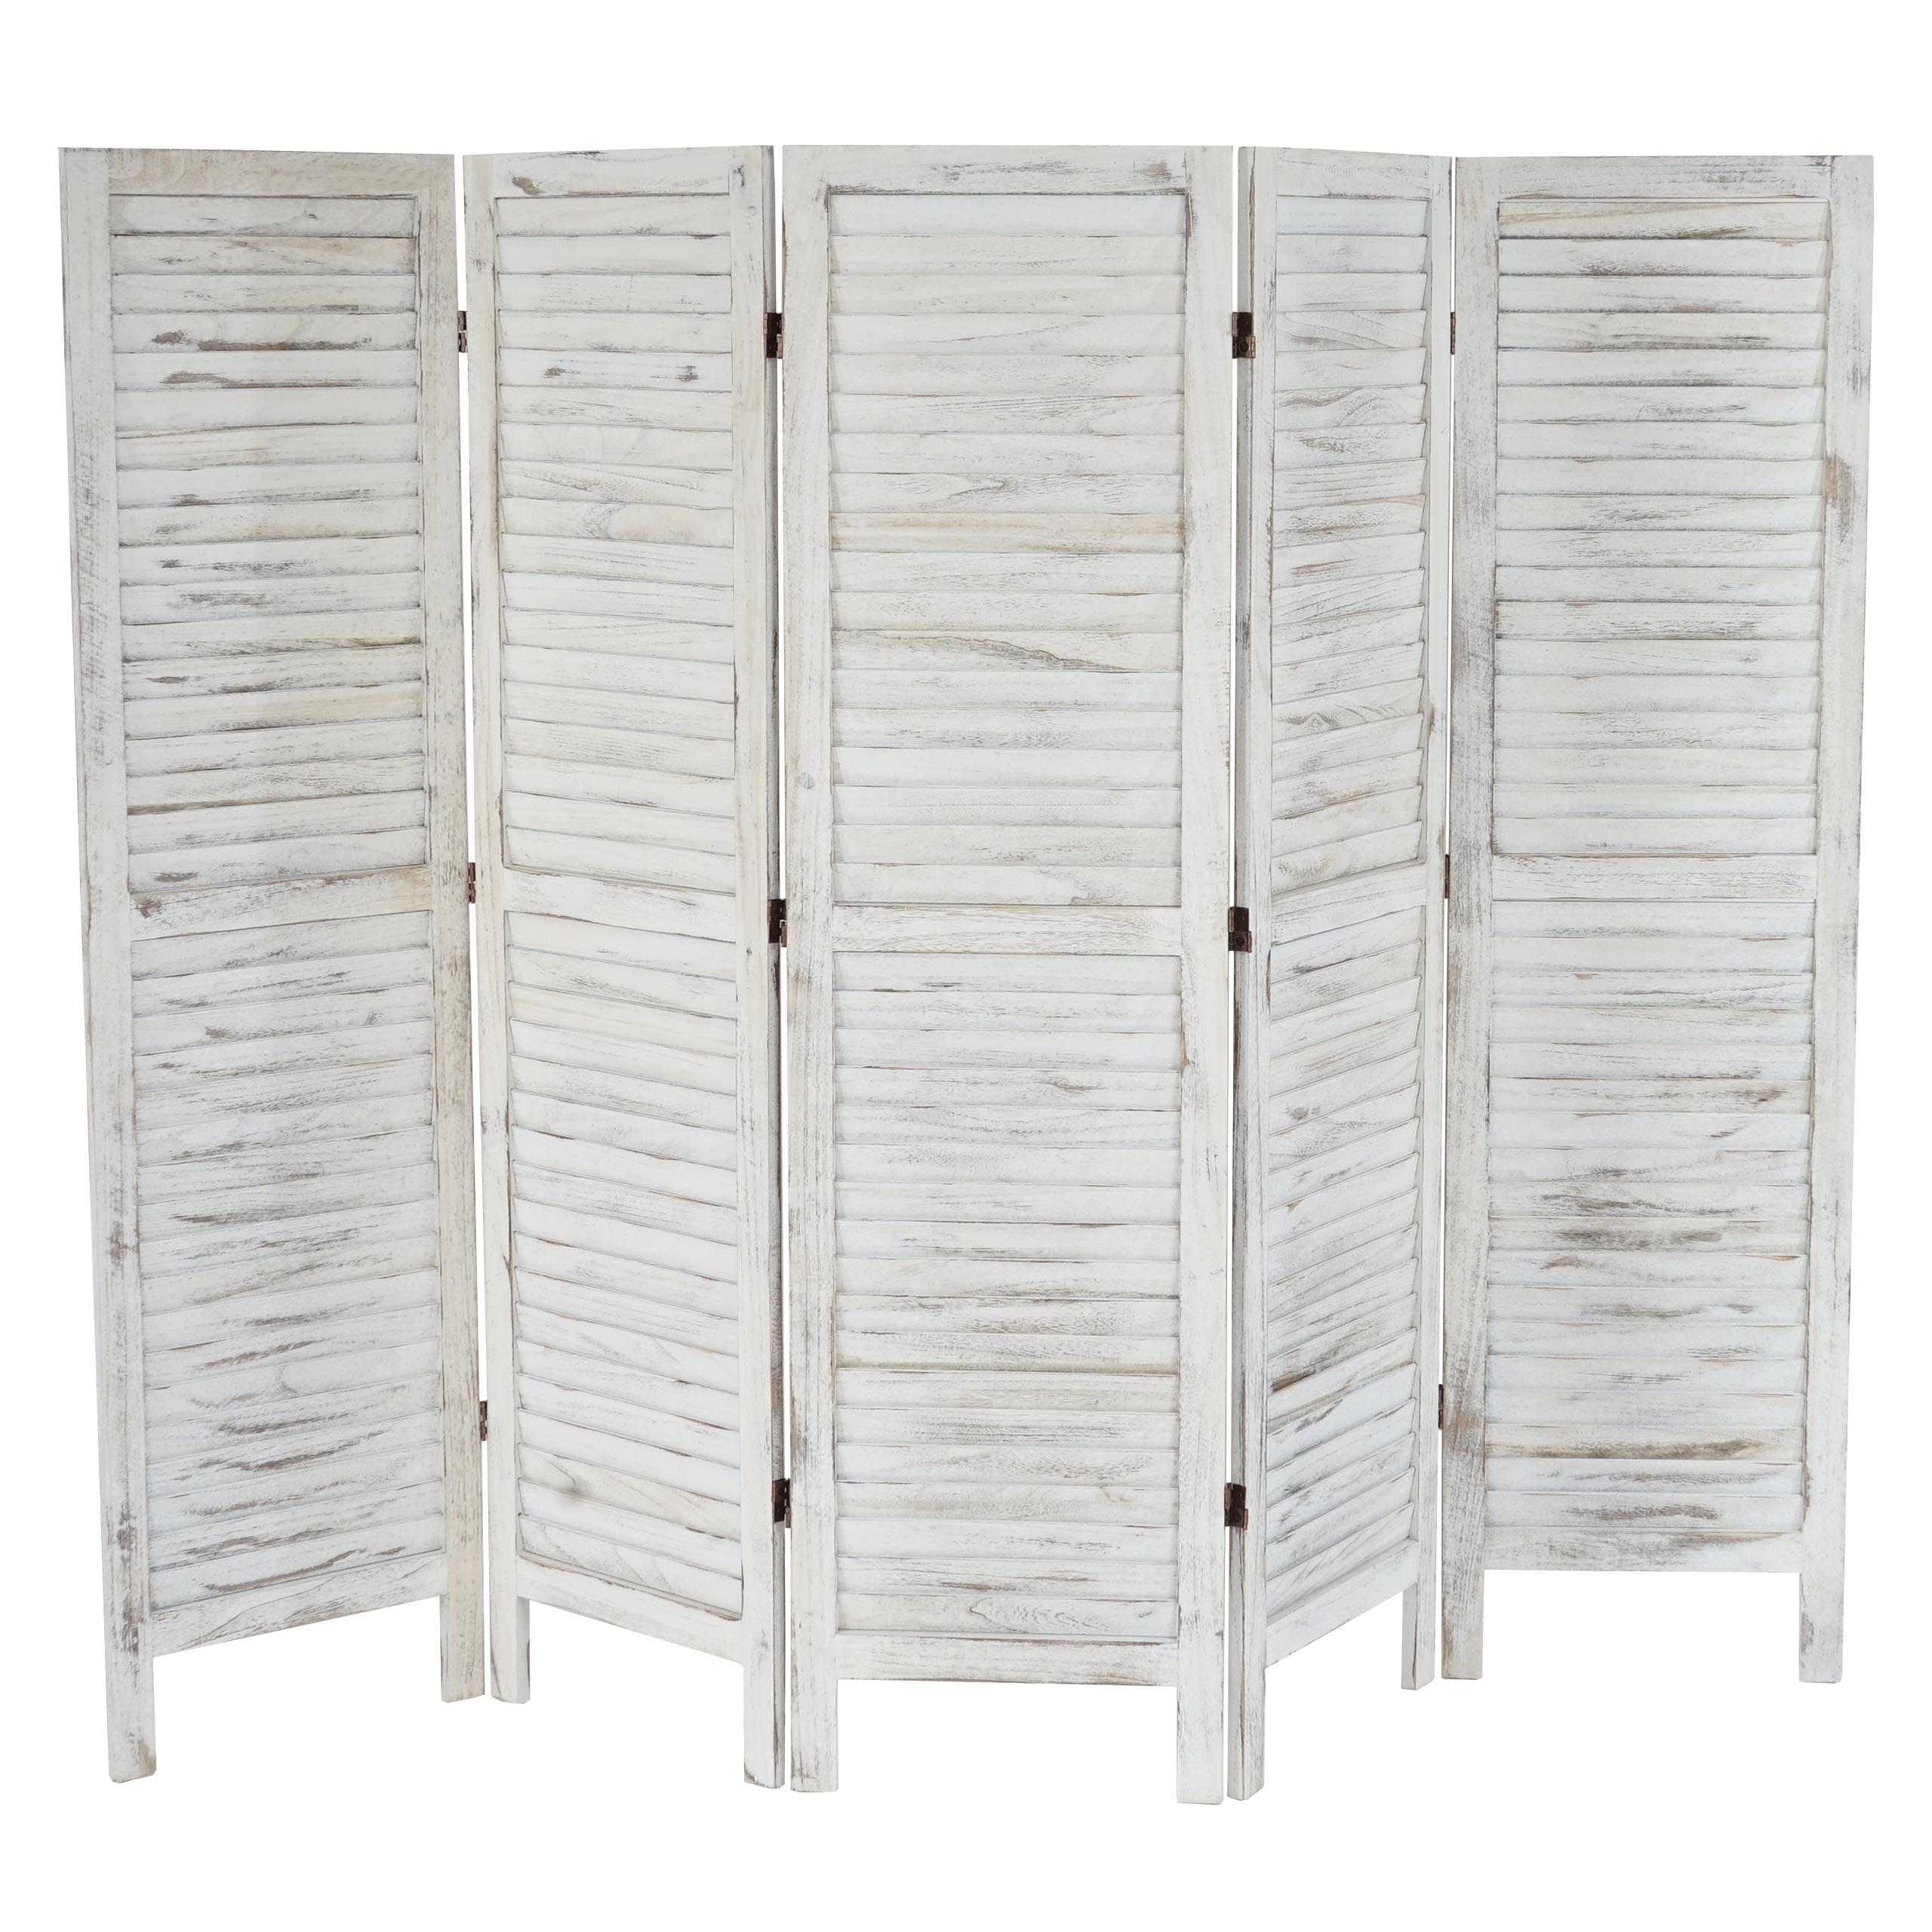 Full Size of Paravent Outdoor Ikea Raumteiler 170x228x2cm Küche Kaufen Kosten Edelstahl Betten 160x200 Sofa Mit Schlaffunktion Garten Miniküche Bei Modulküche Wohnzimmer Paravent Outdoor Ikea